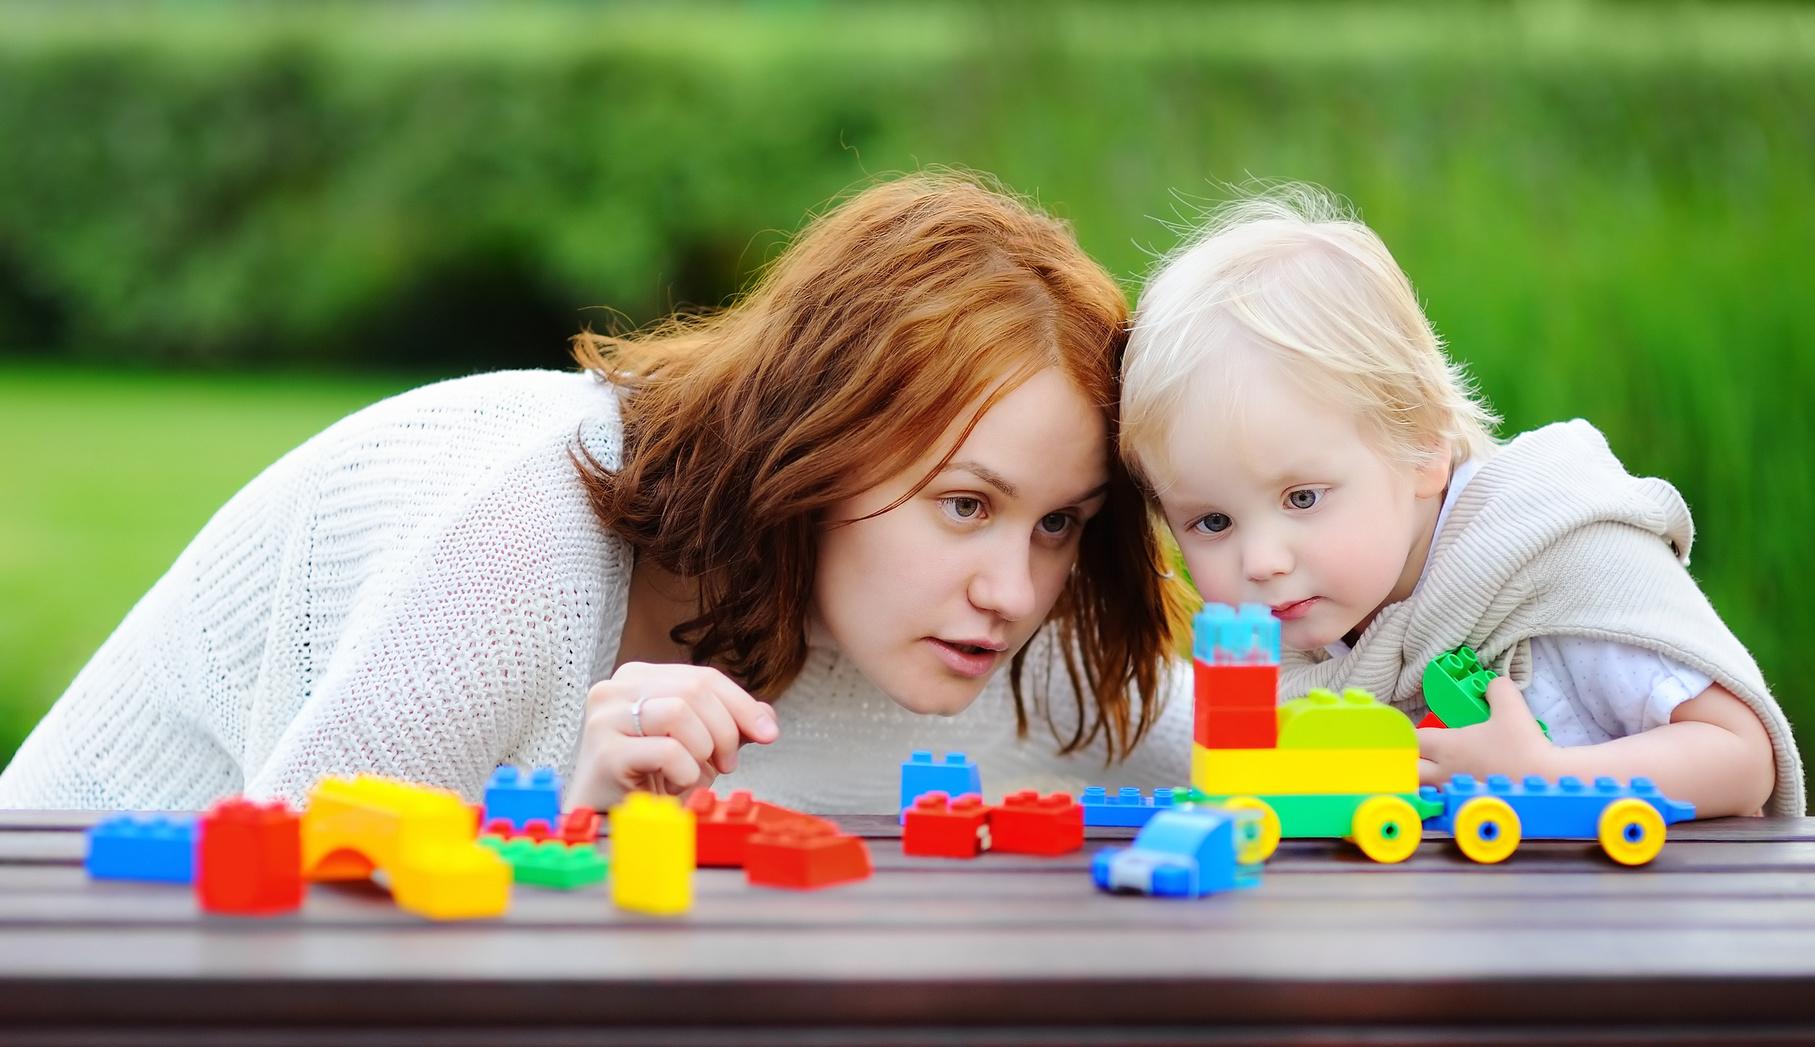 Jeux De Construction, Bénéfiques Pour Les Enfants | Parents.fr avec Casse Brique Enfant